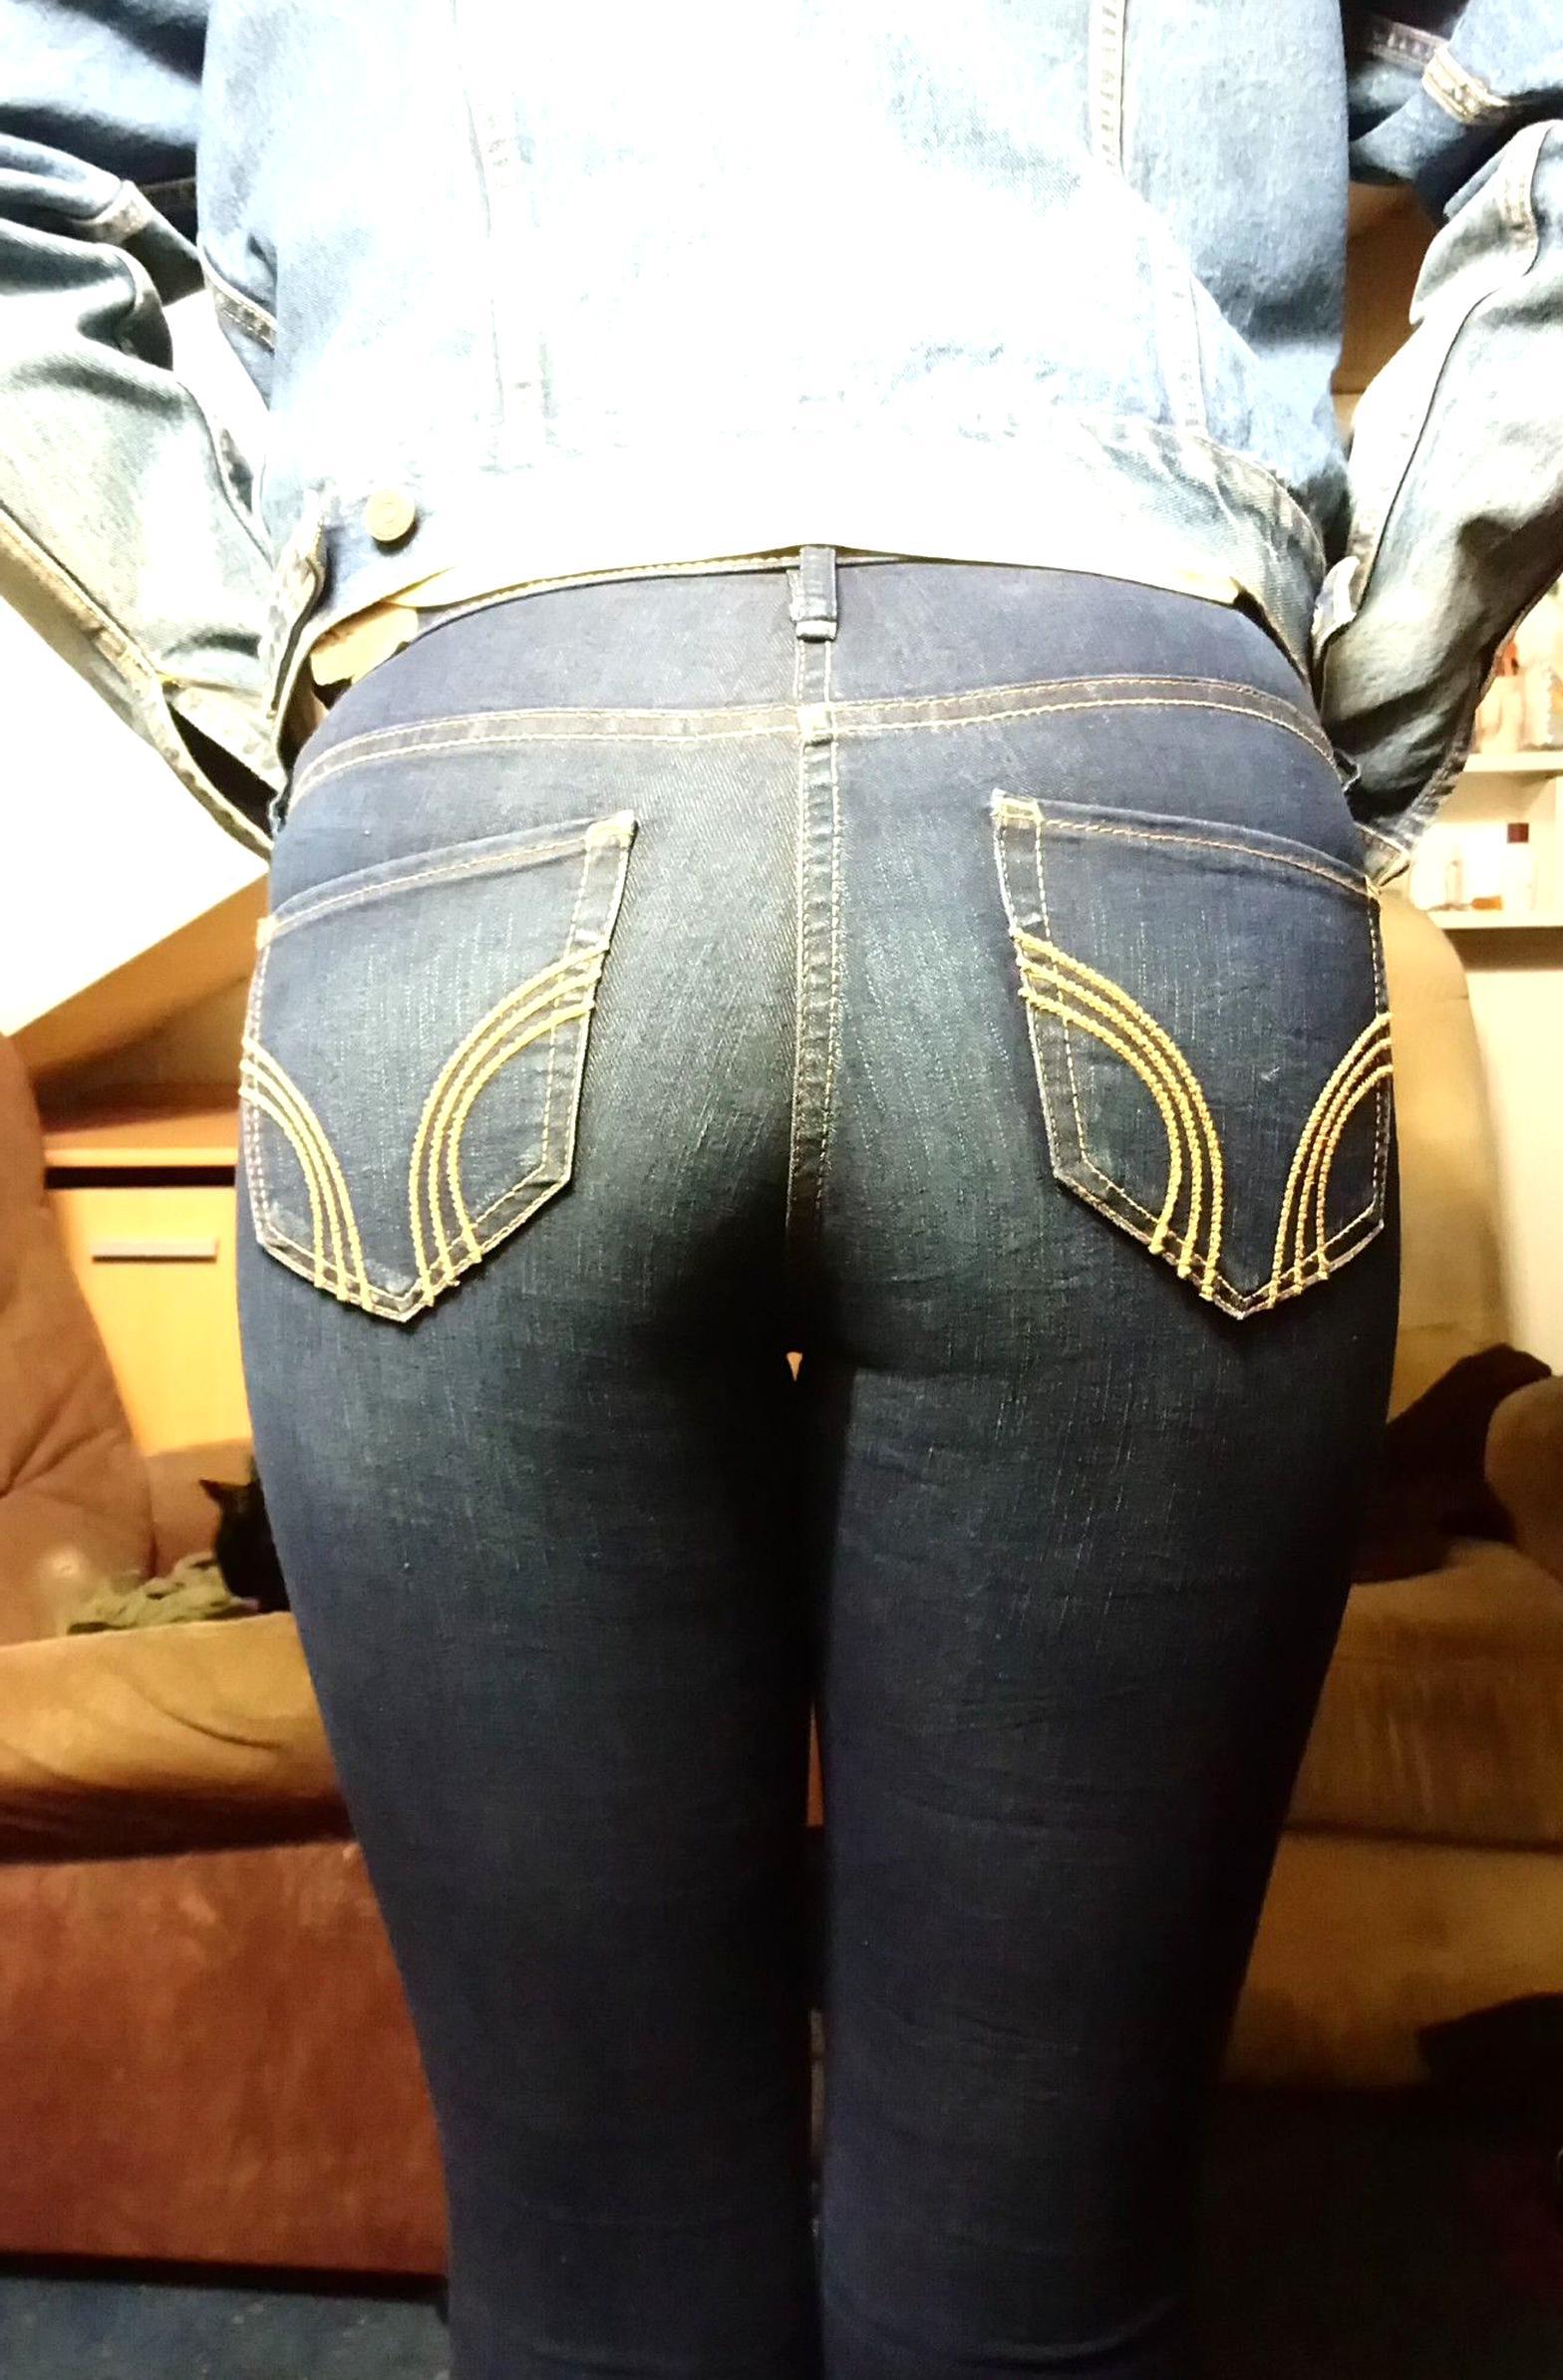 Knallenge Jeans gebraucht kaufen! Nur 4 St. bis -75% günstiger